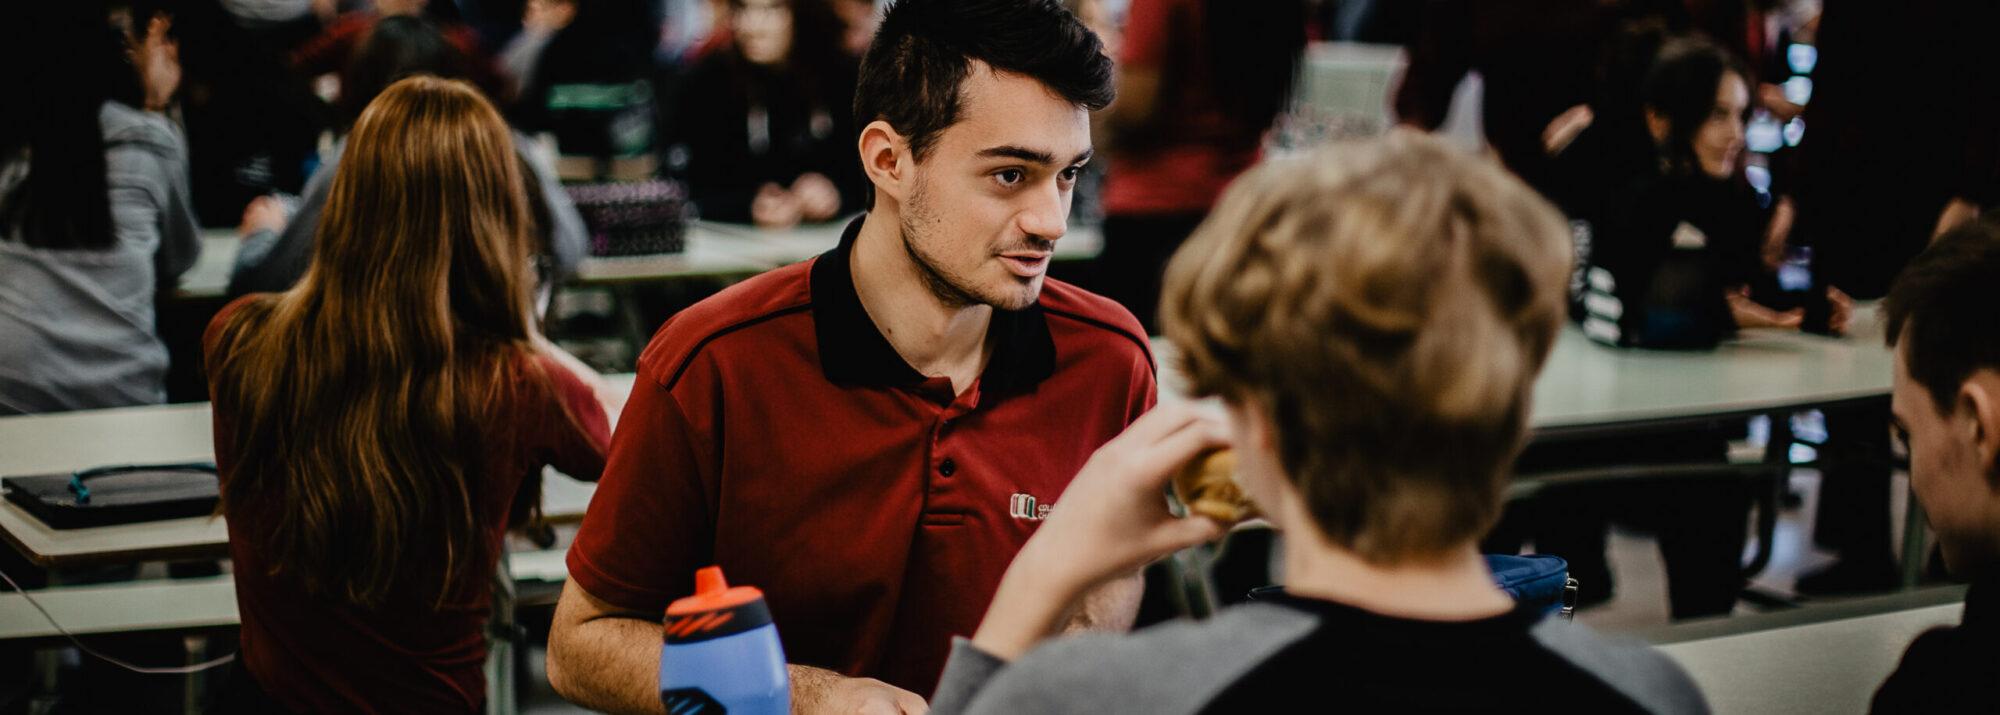 Image étudiants dans la cafétéria